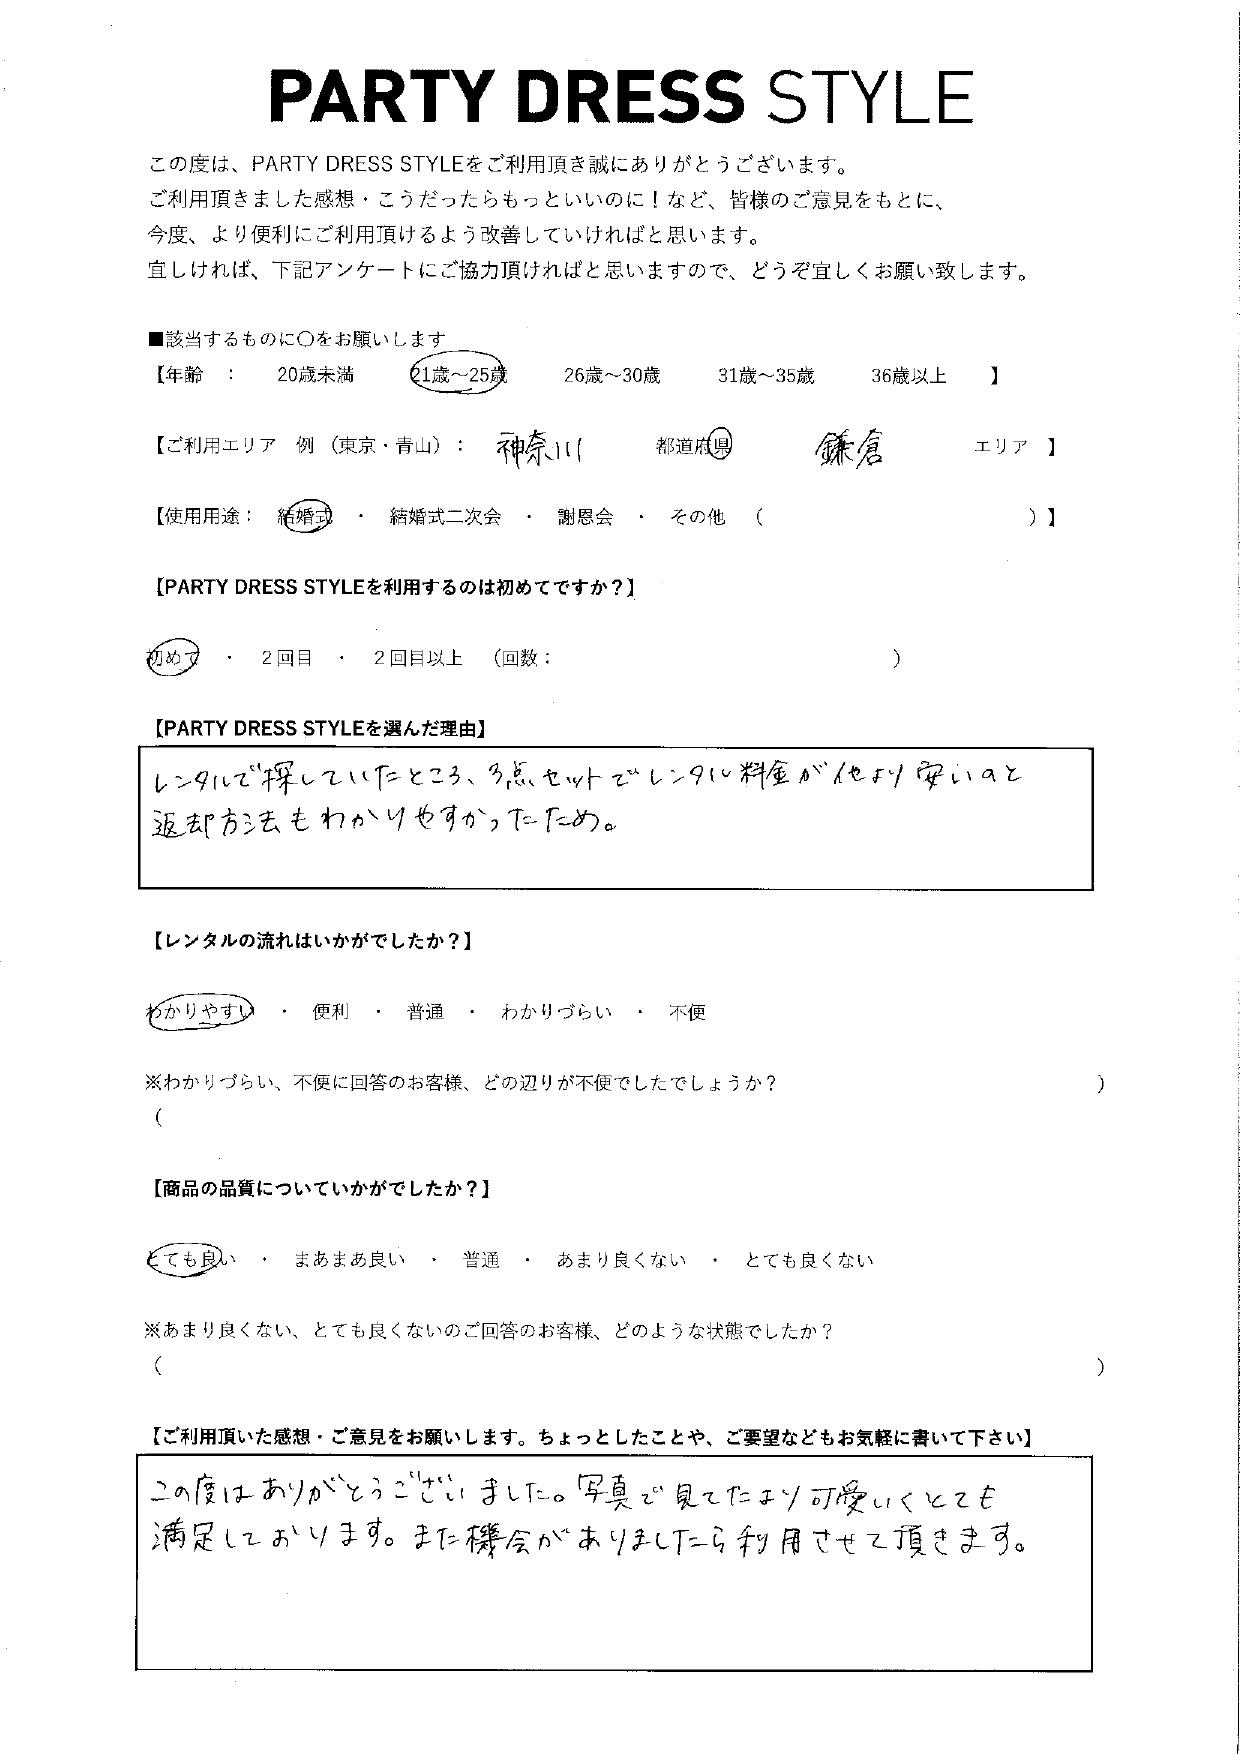 11/17結婚式ご利用 神奈川・鎌倉エリア